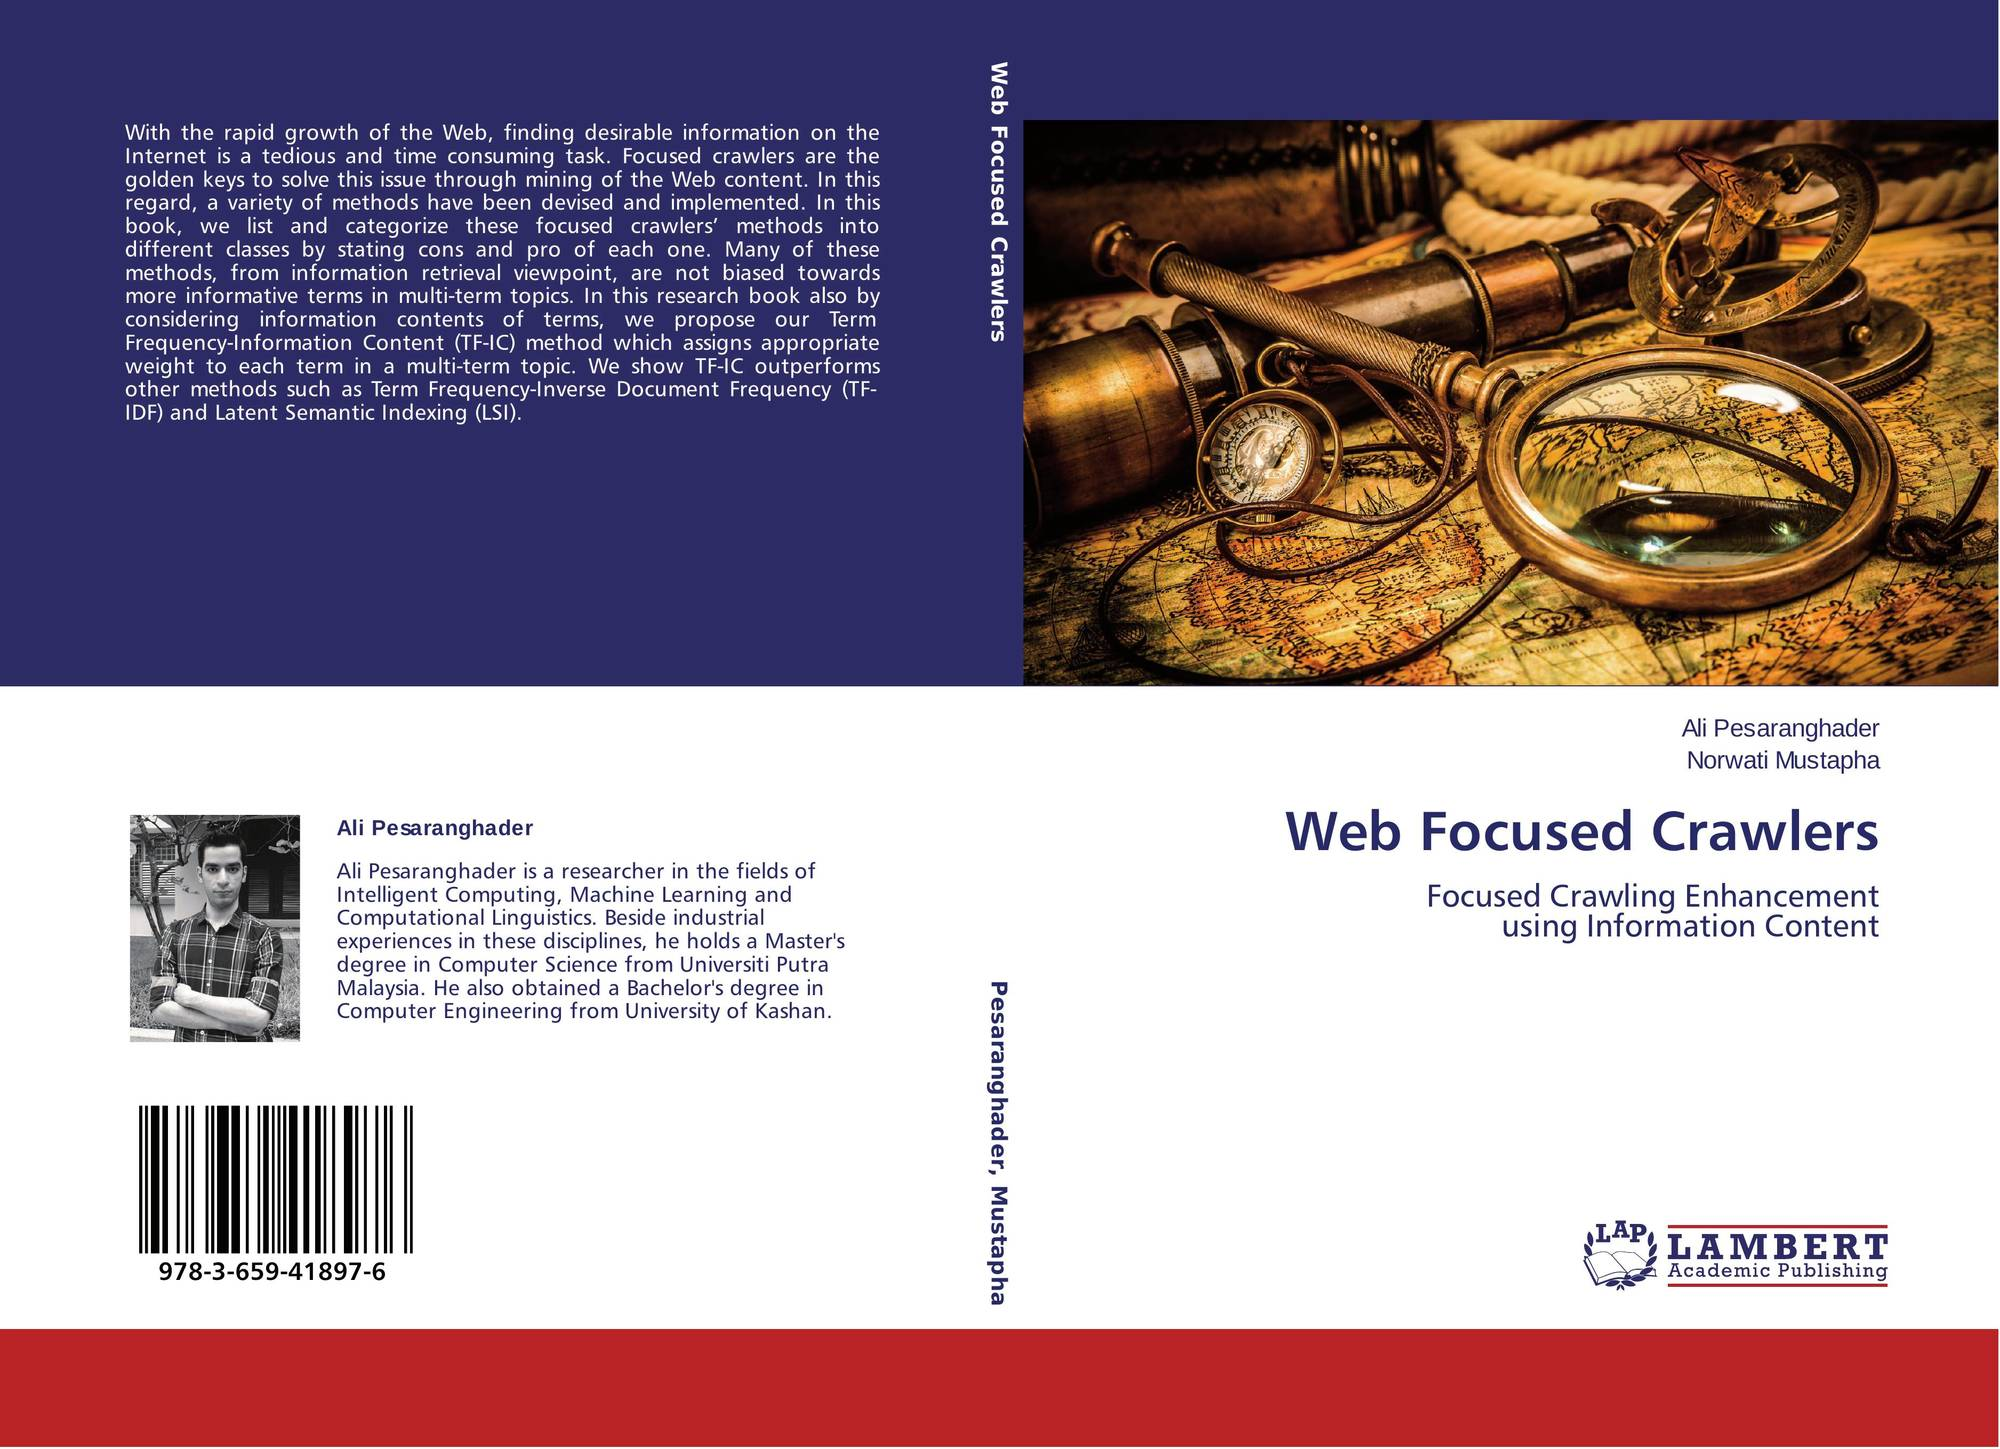 Web Focused Crawlers, 978-3-659-41897-6, 3659418978